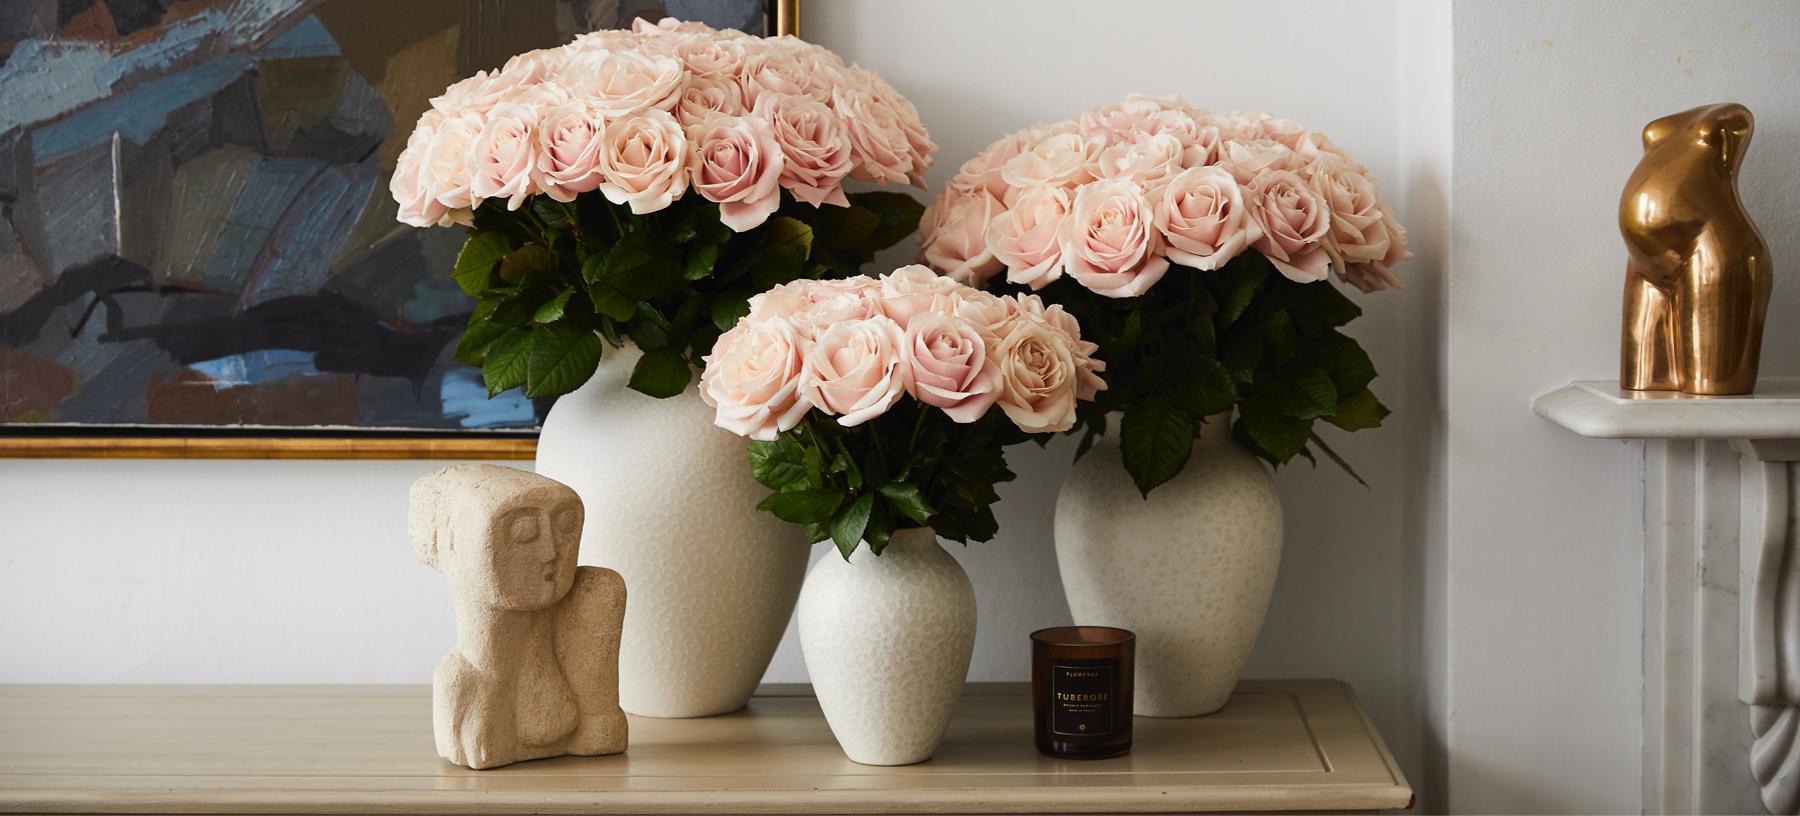 Mother's Day Vase Sets